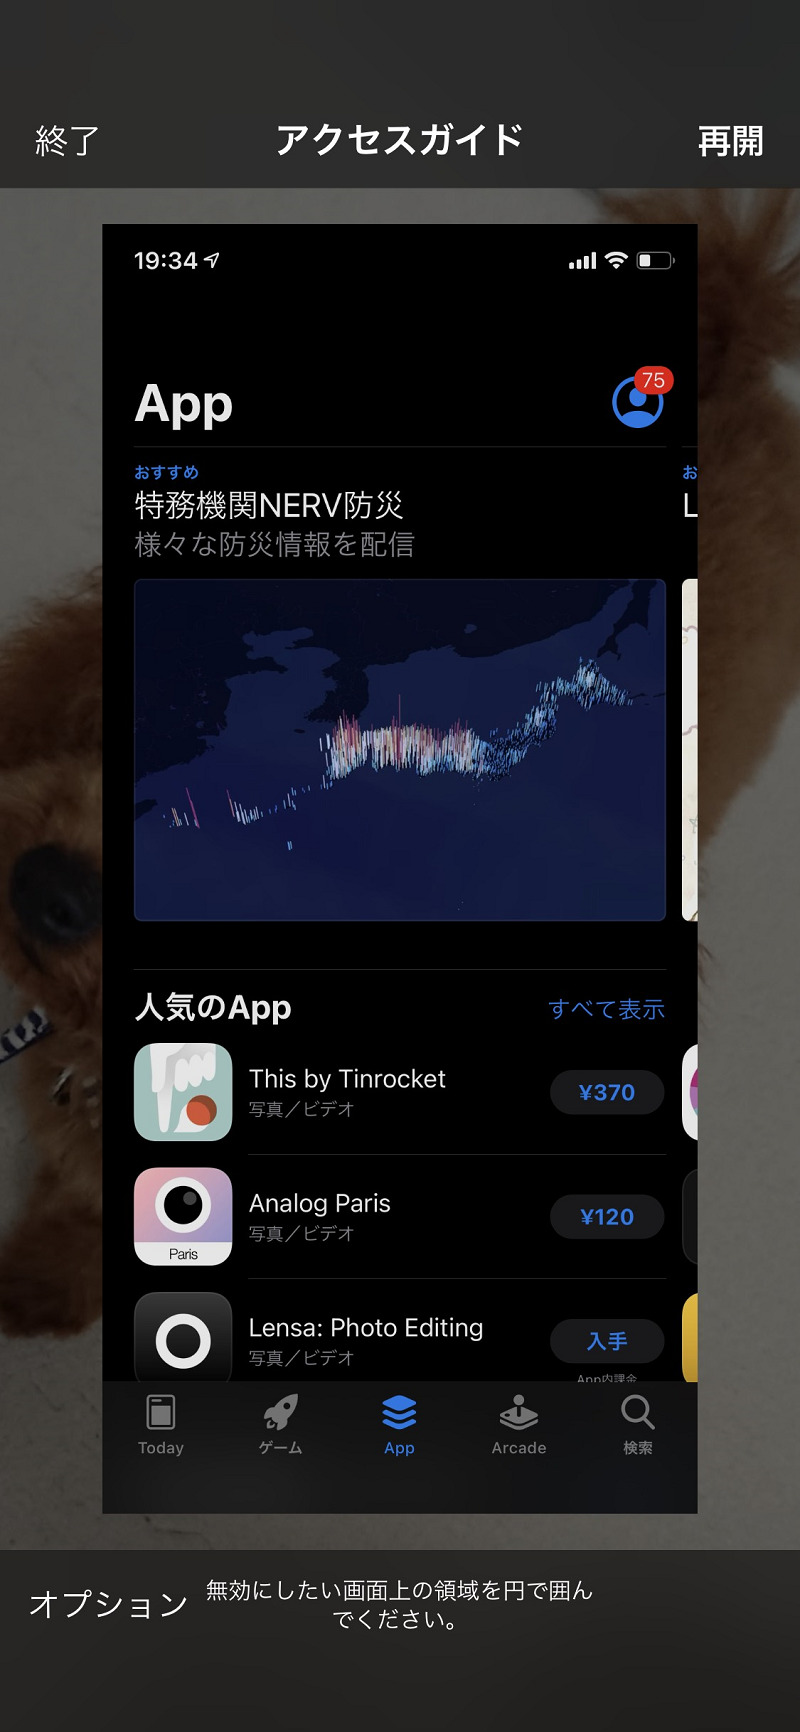 iOS AccessGuide 12